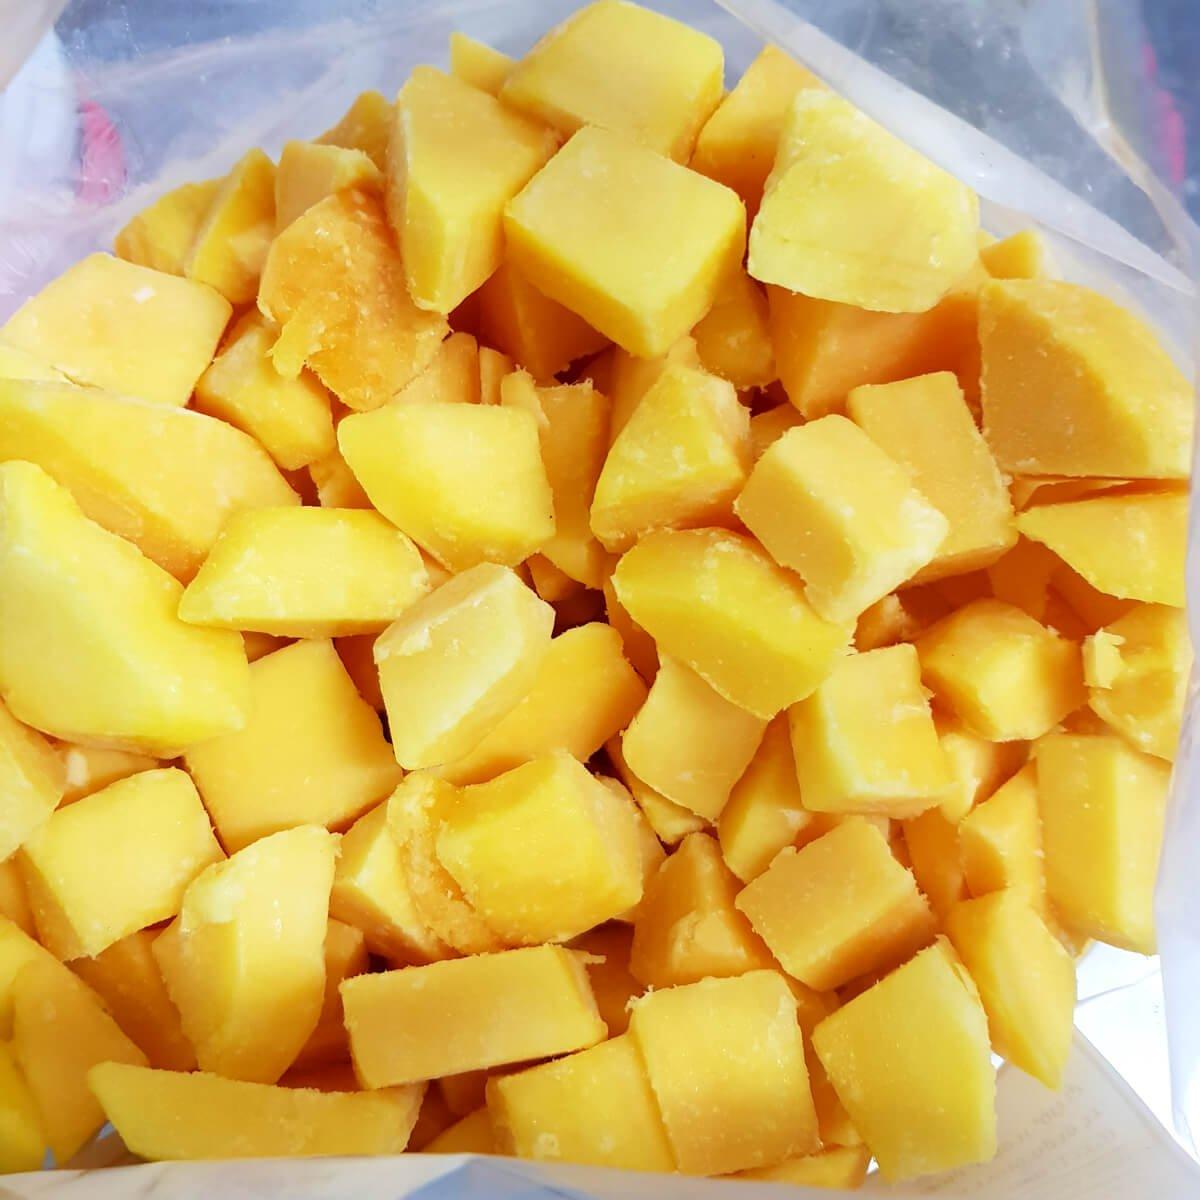 mango fqf in bag